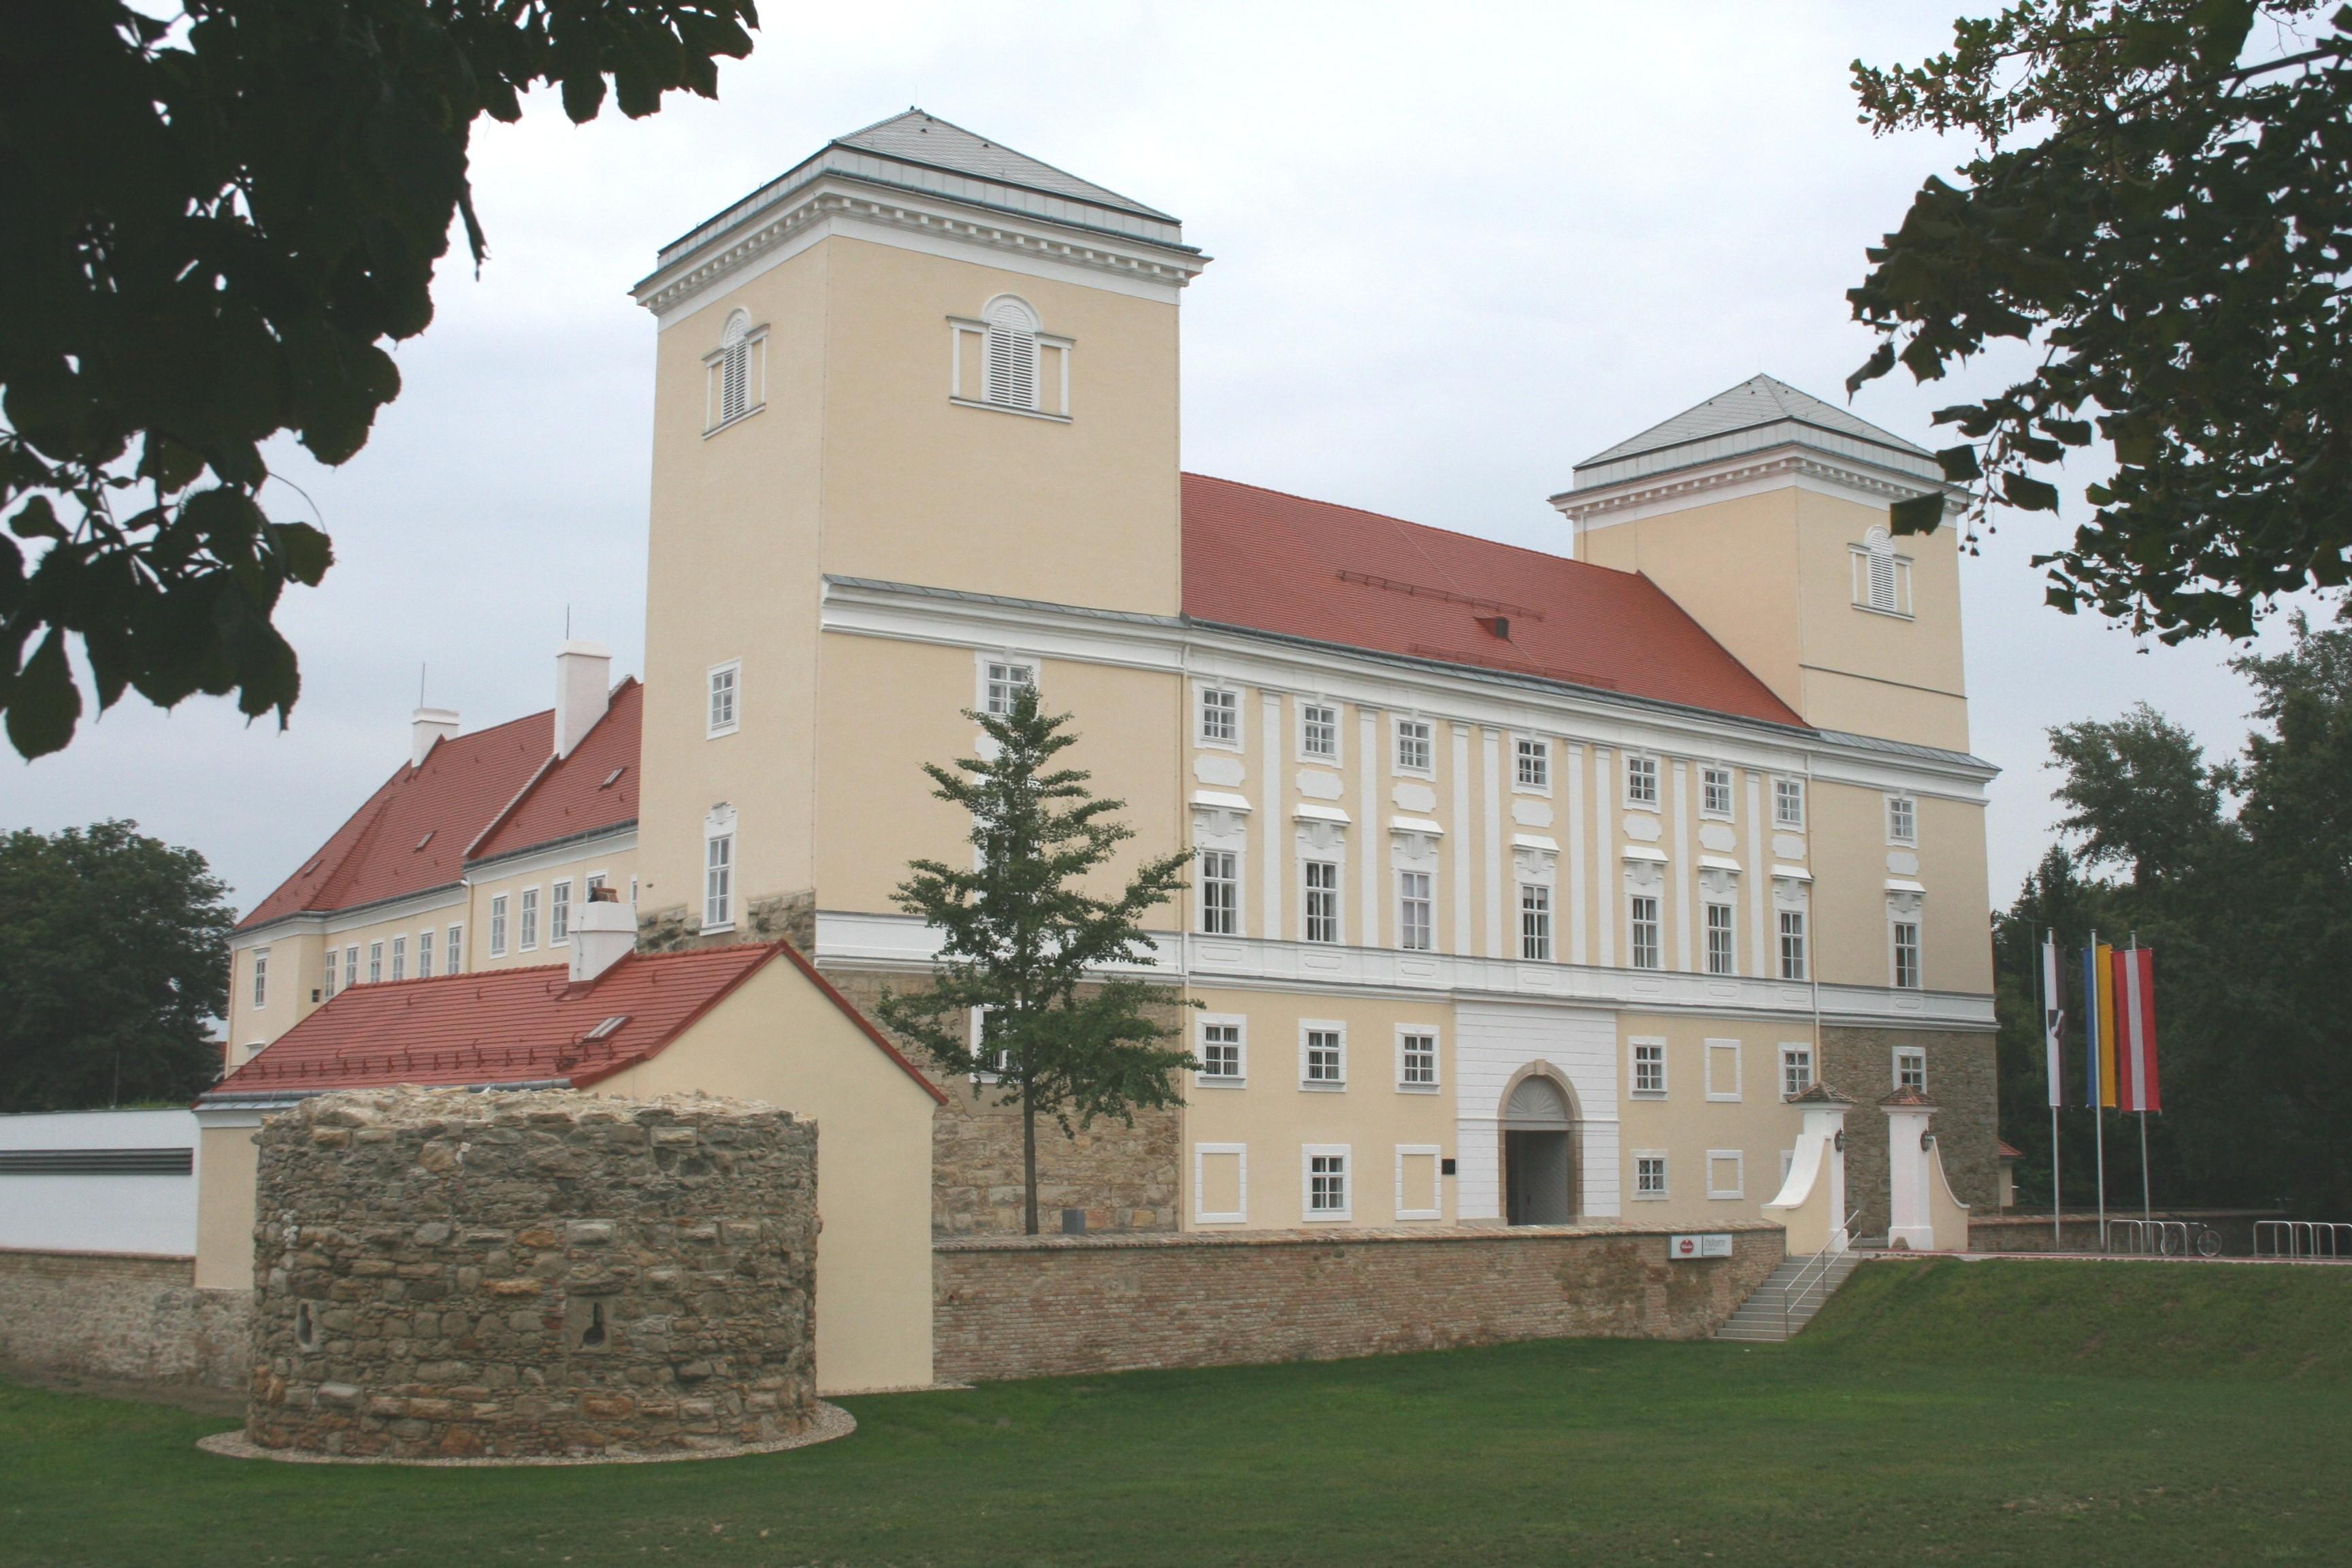 Wolkersdorf - Sehenswerte Orte